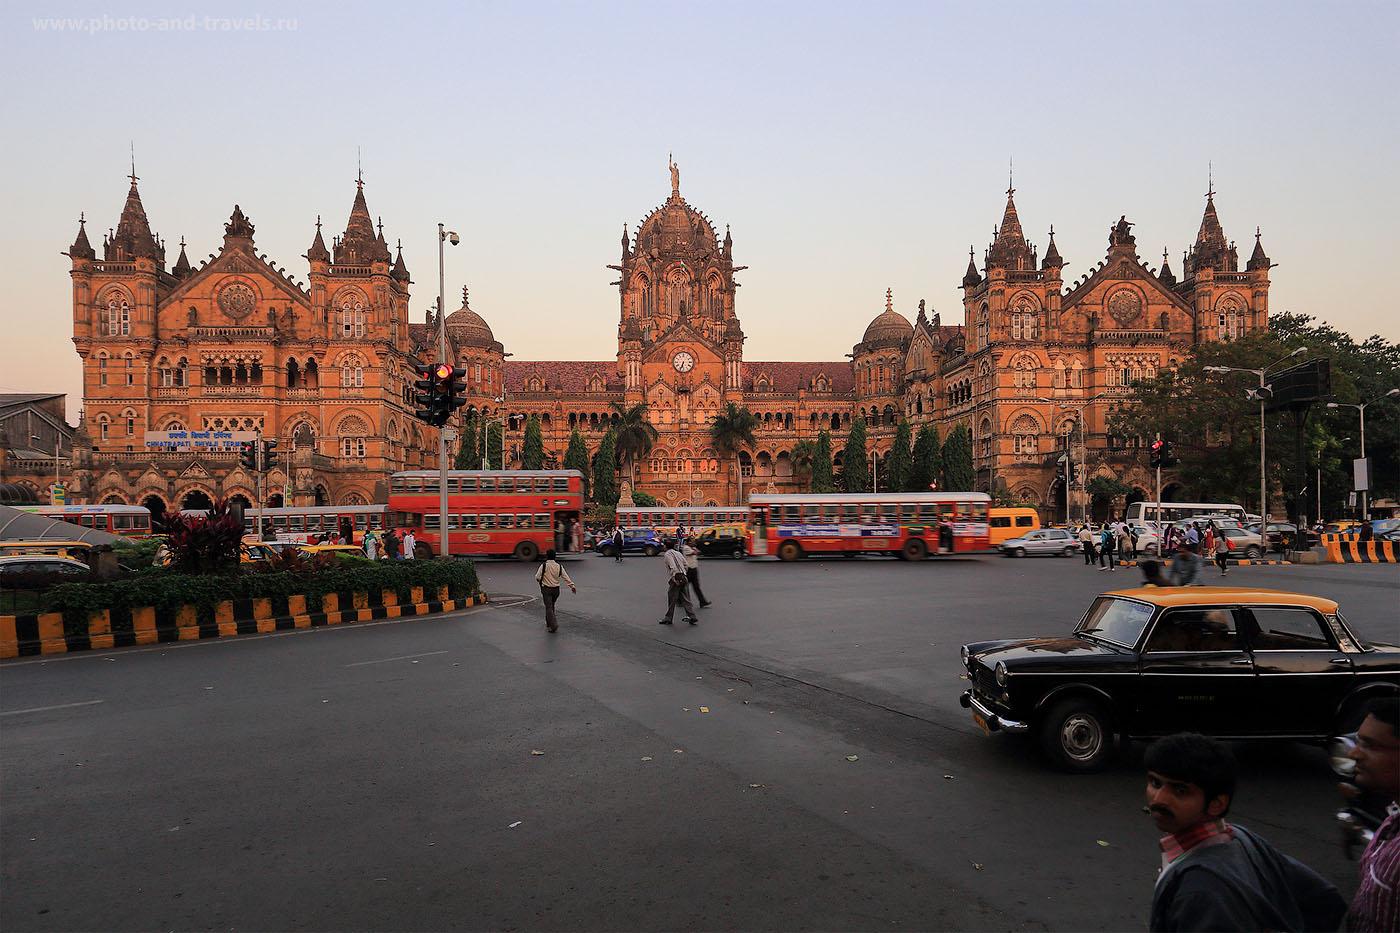 24. Фотография железнодрожного вокзала Чхатрапати Шиваджи в Мумбаи. Незабываемые приключения в Индии (1/20, EV=-1, F/7.1, ФР=19мм, ИСО 250)